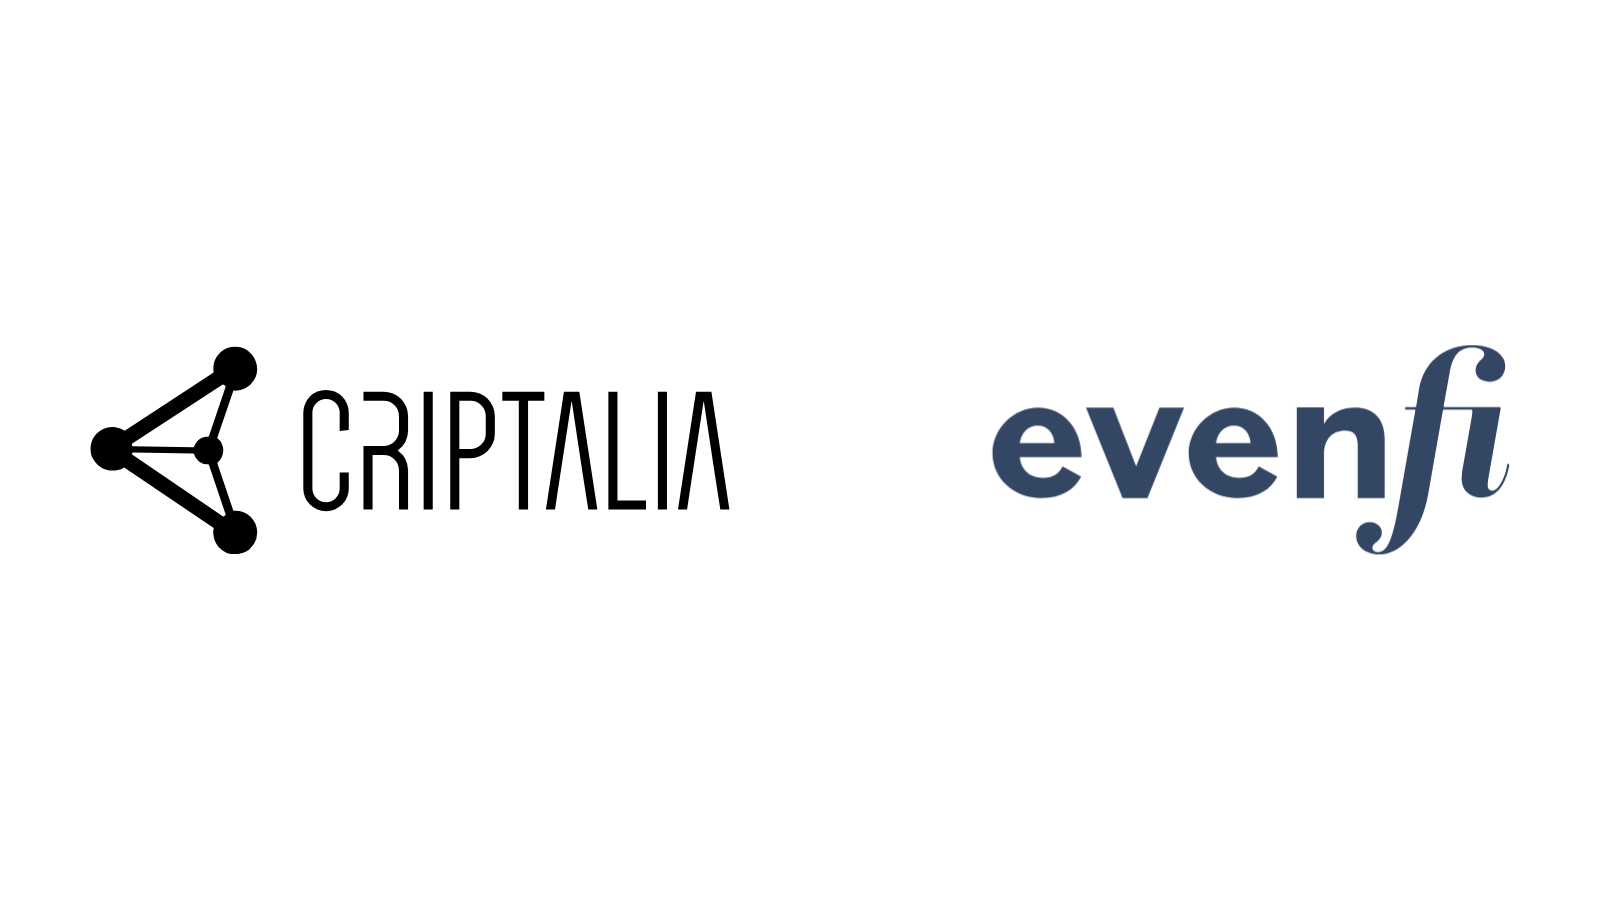 La plataforma de inversión Criptalia financia 10M€ y cambia su nombre a EvenFi para su expansión en Europa